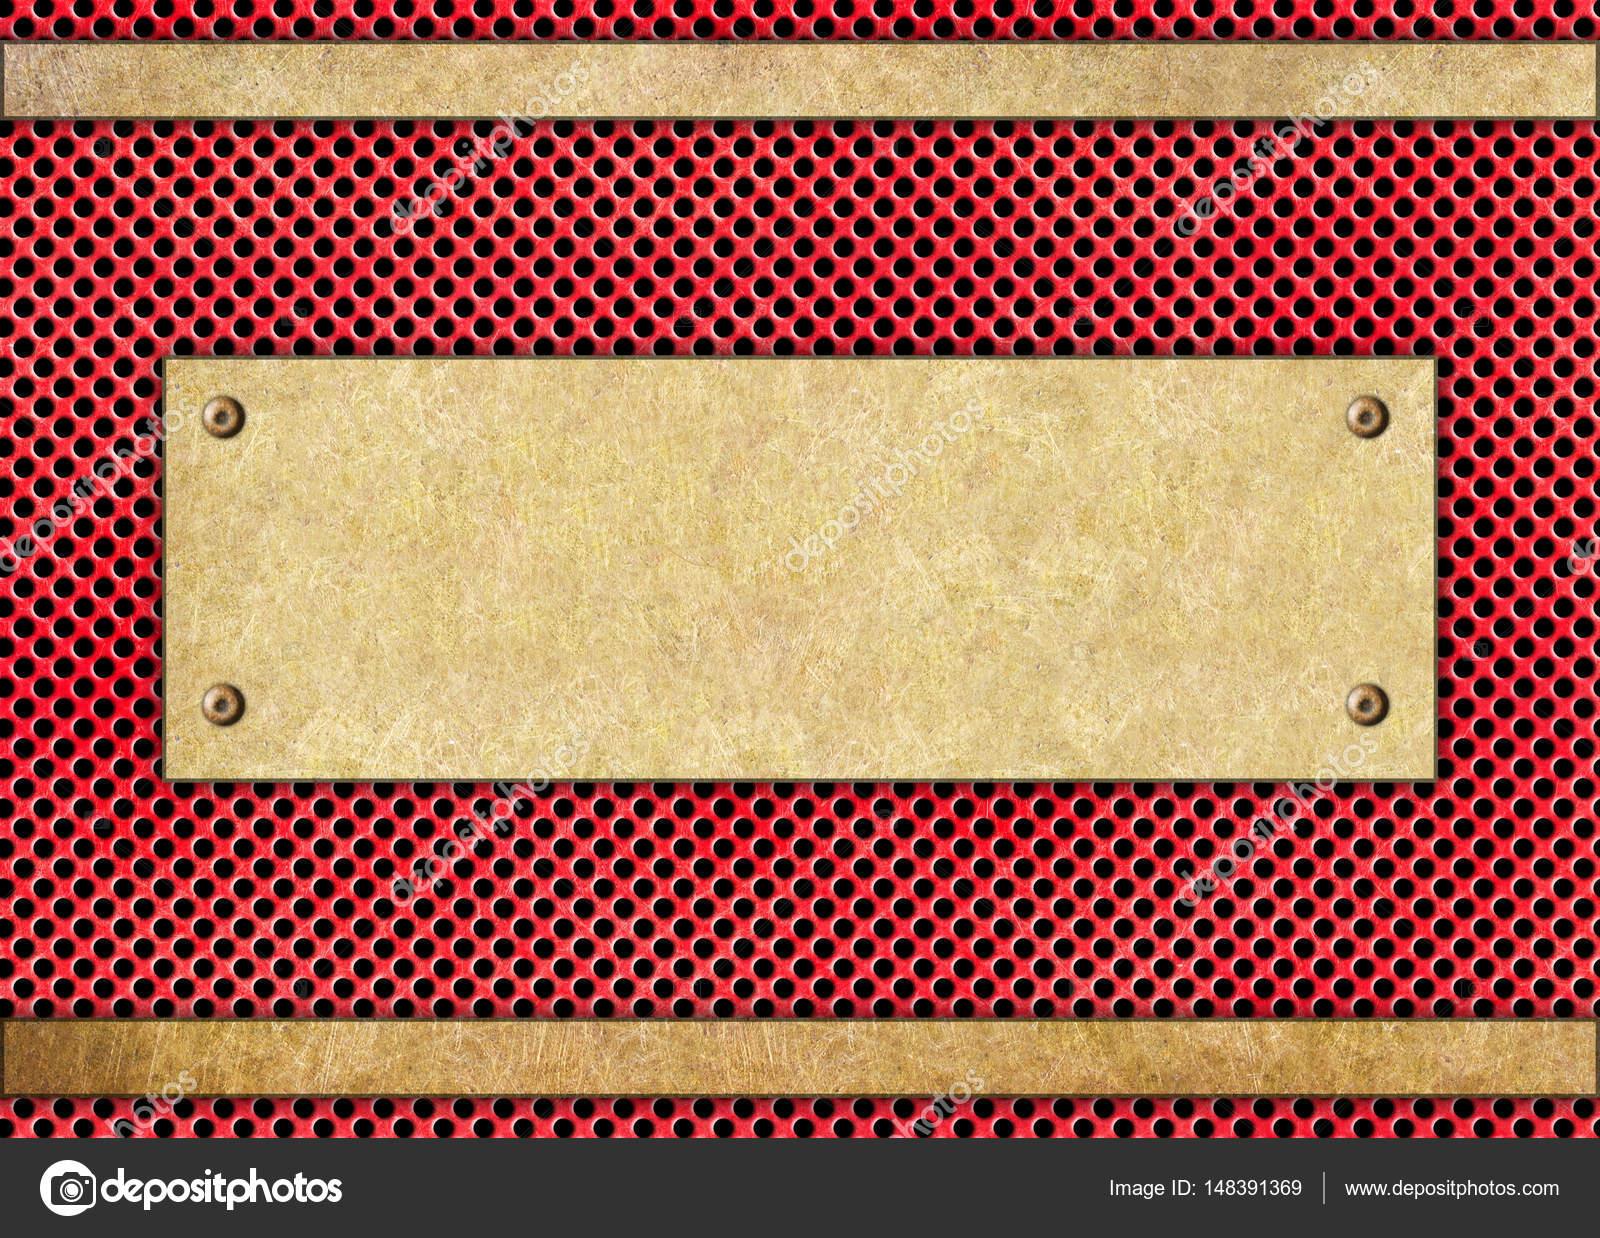 placa de metal en un enrejado rojo acero marco diseño de soluciones ...